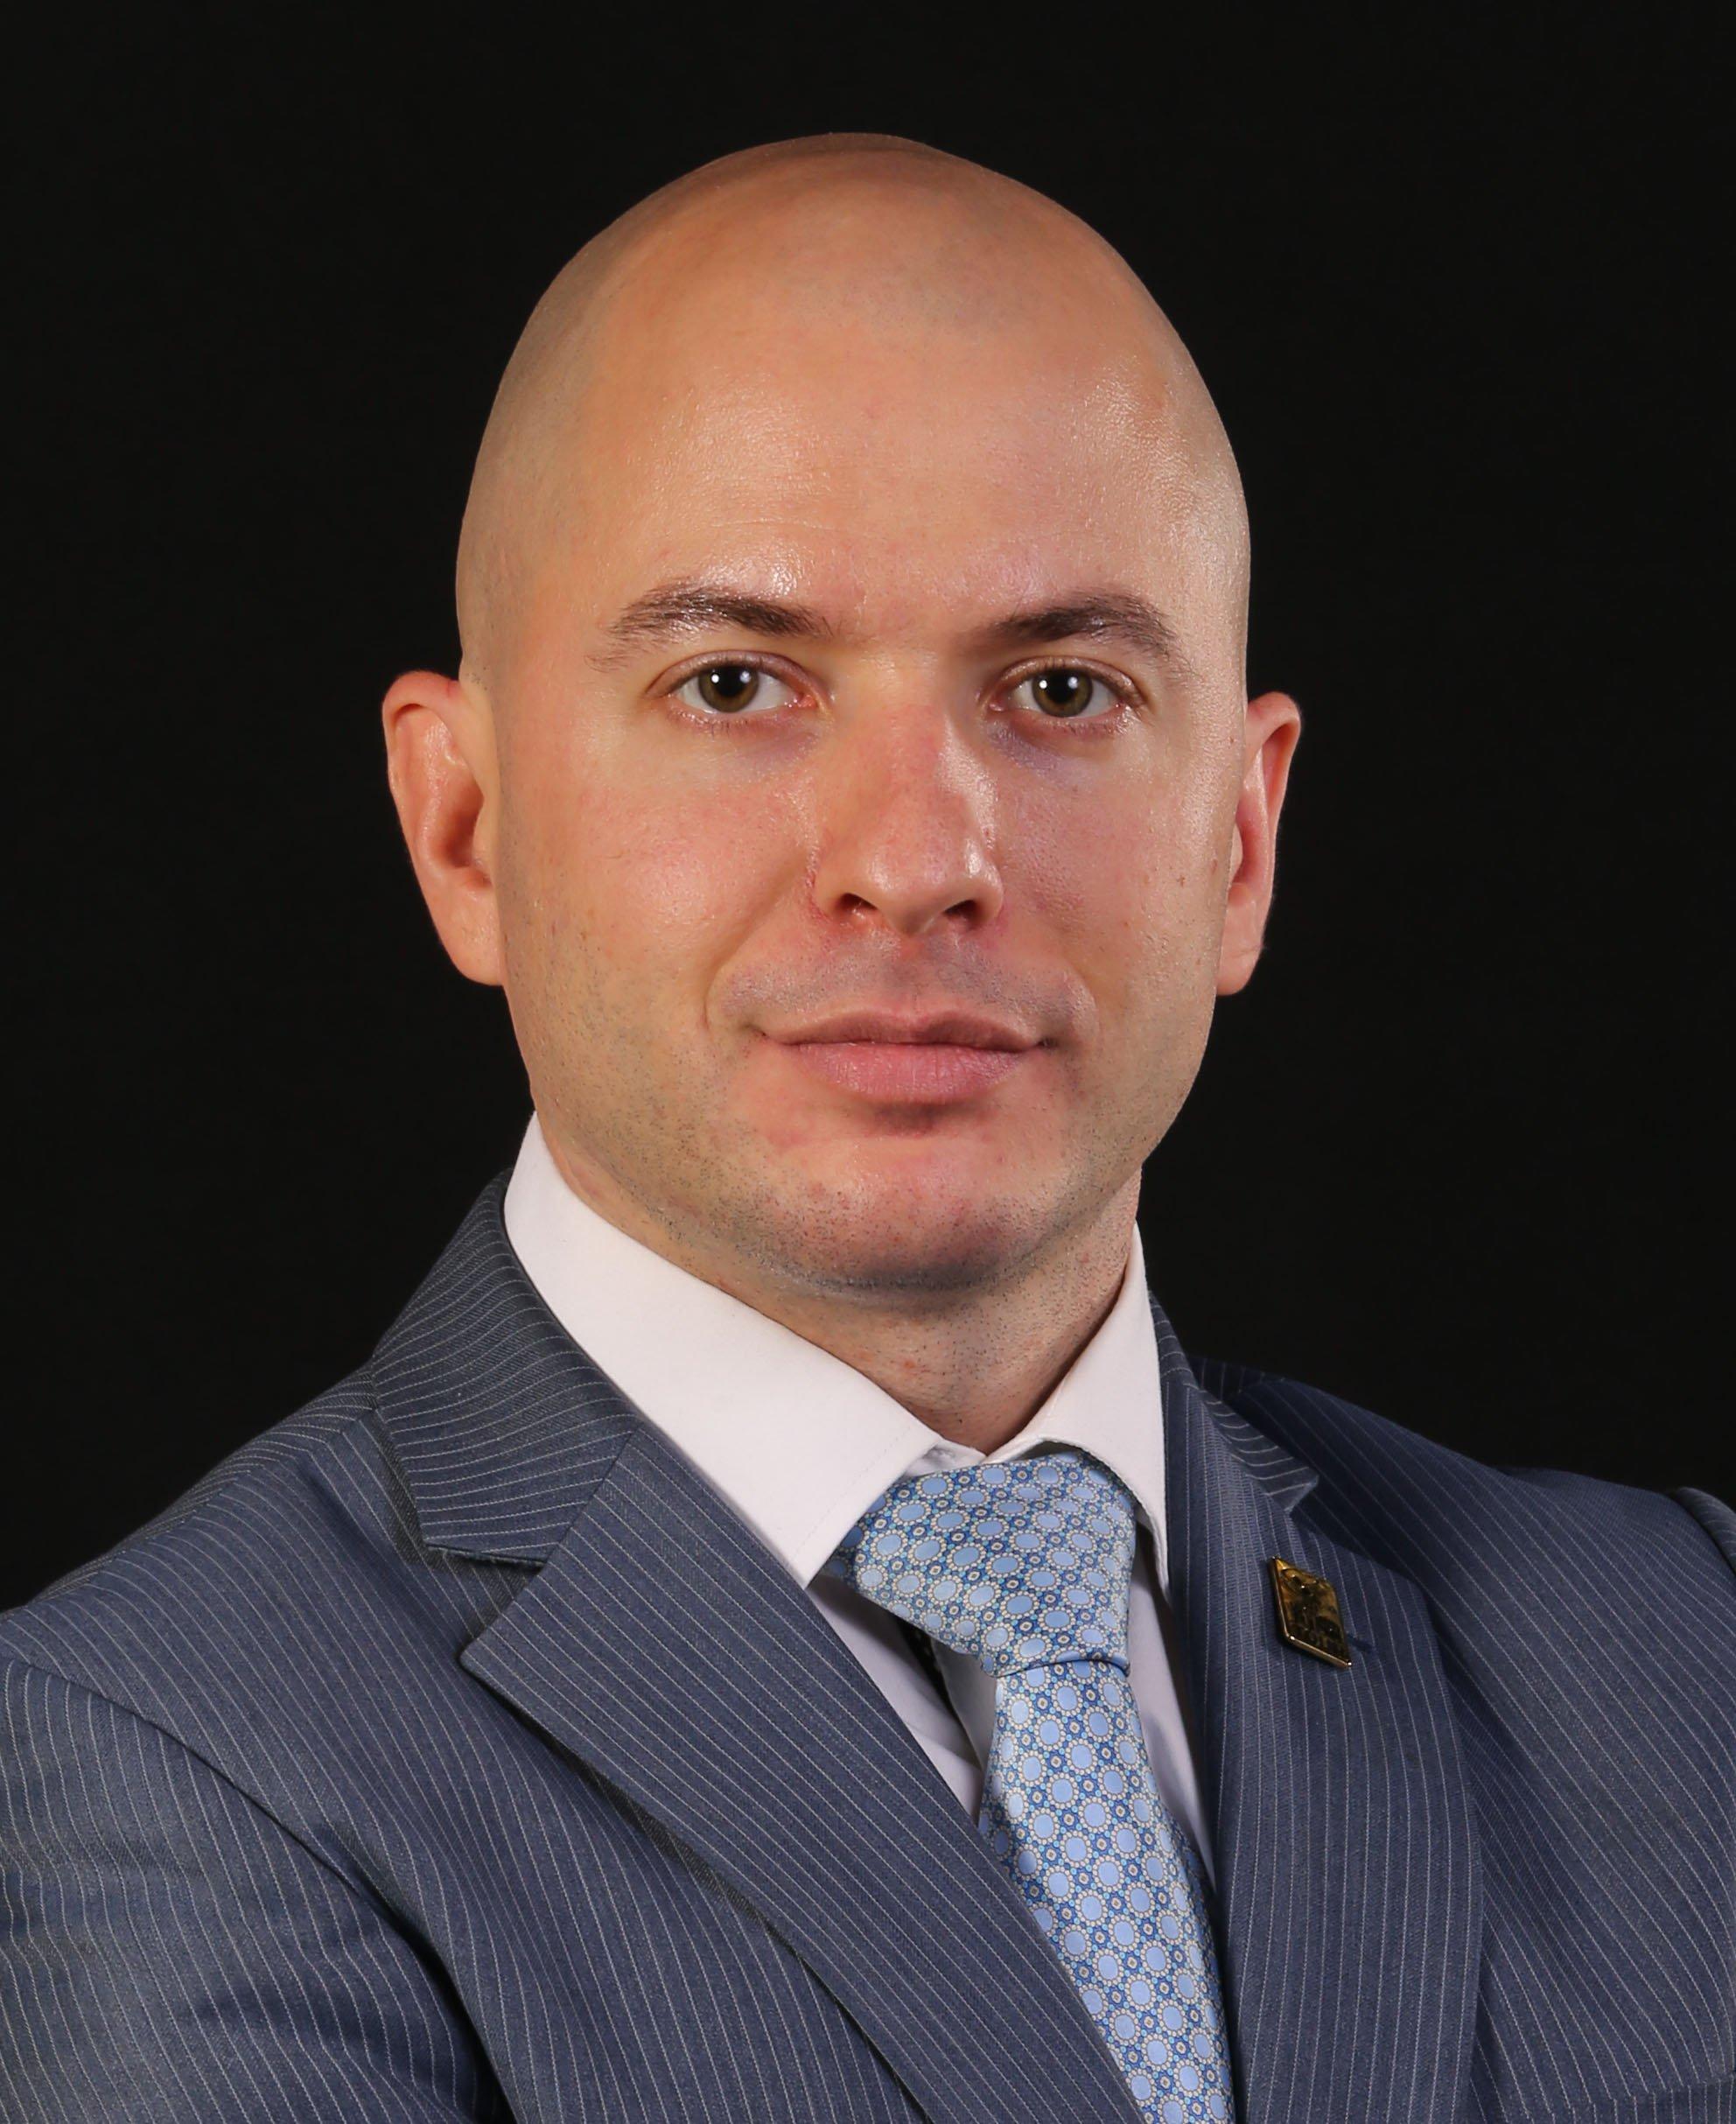 Mr. Mario Krvavac